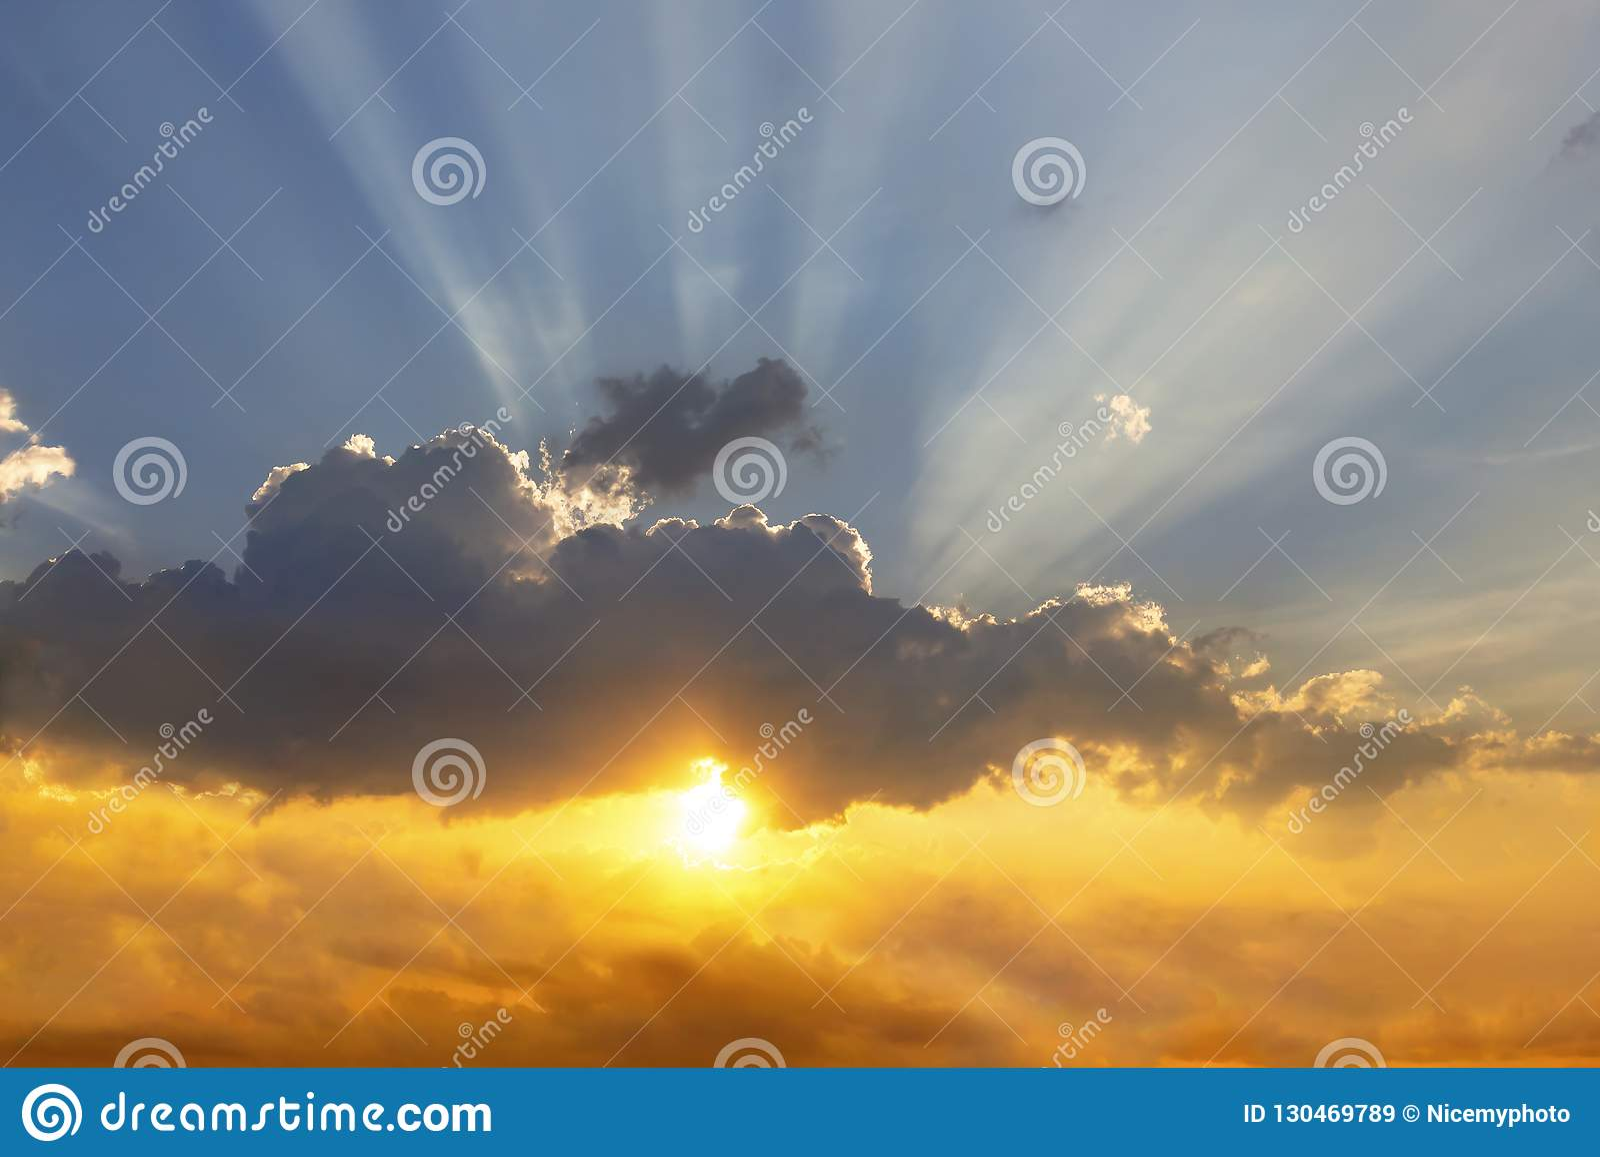 Τα σύννεφα και ο ήλιος λάμπουν μέσω των ακτίνων του φωτός στο φωτισμένο π